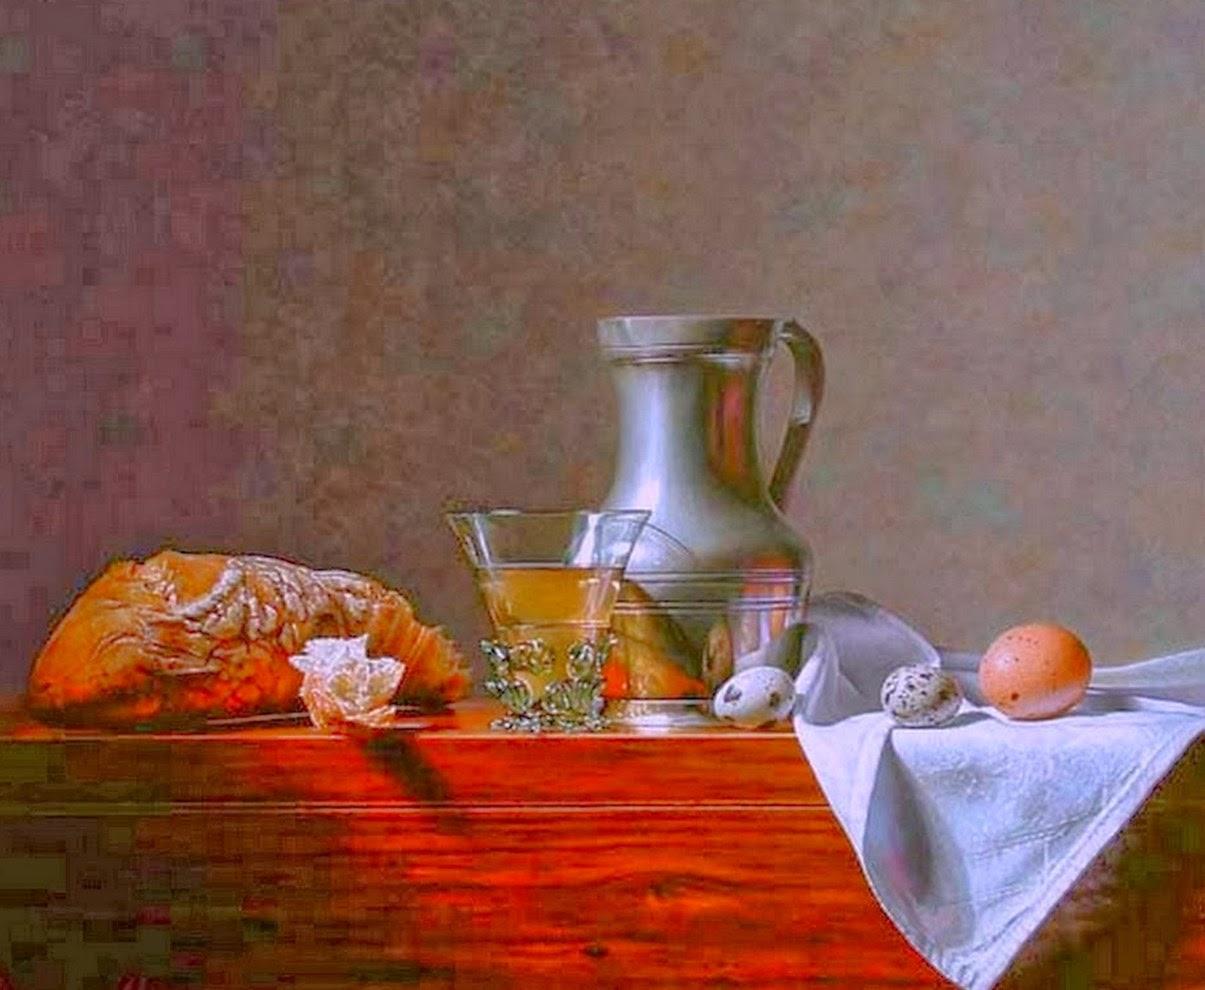 bodegones-de-frutas-y-jarrones-pintados-al-oleo